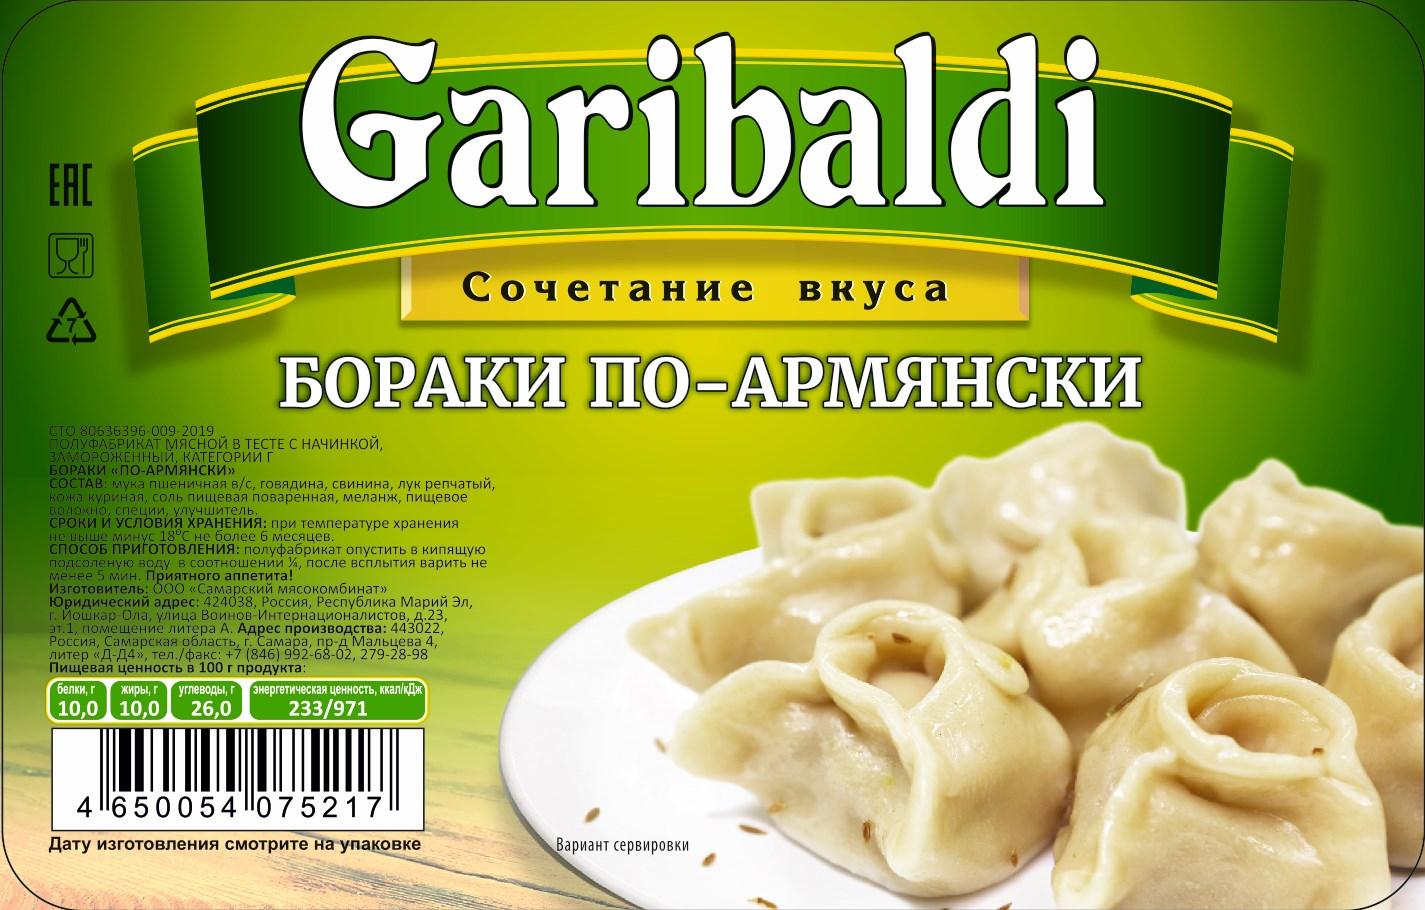 Бораки по-армянски